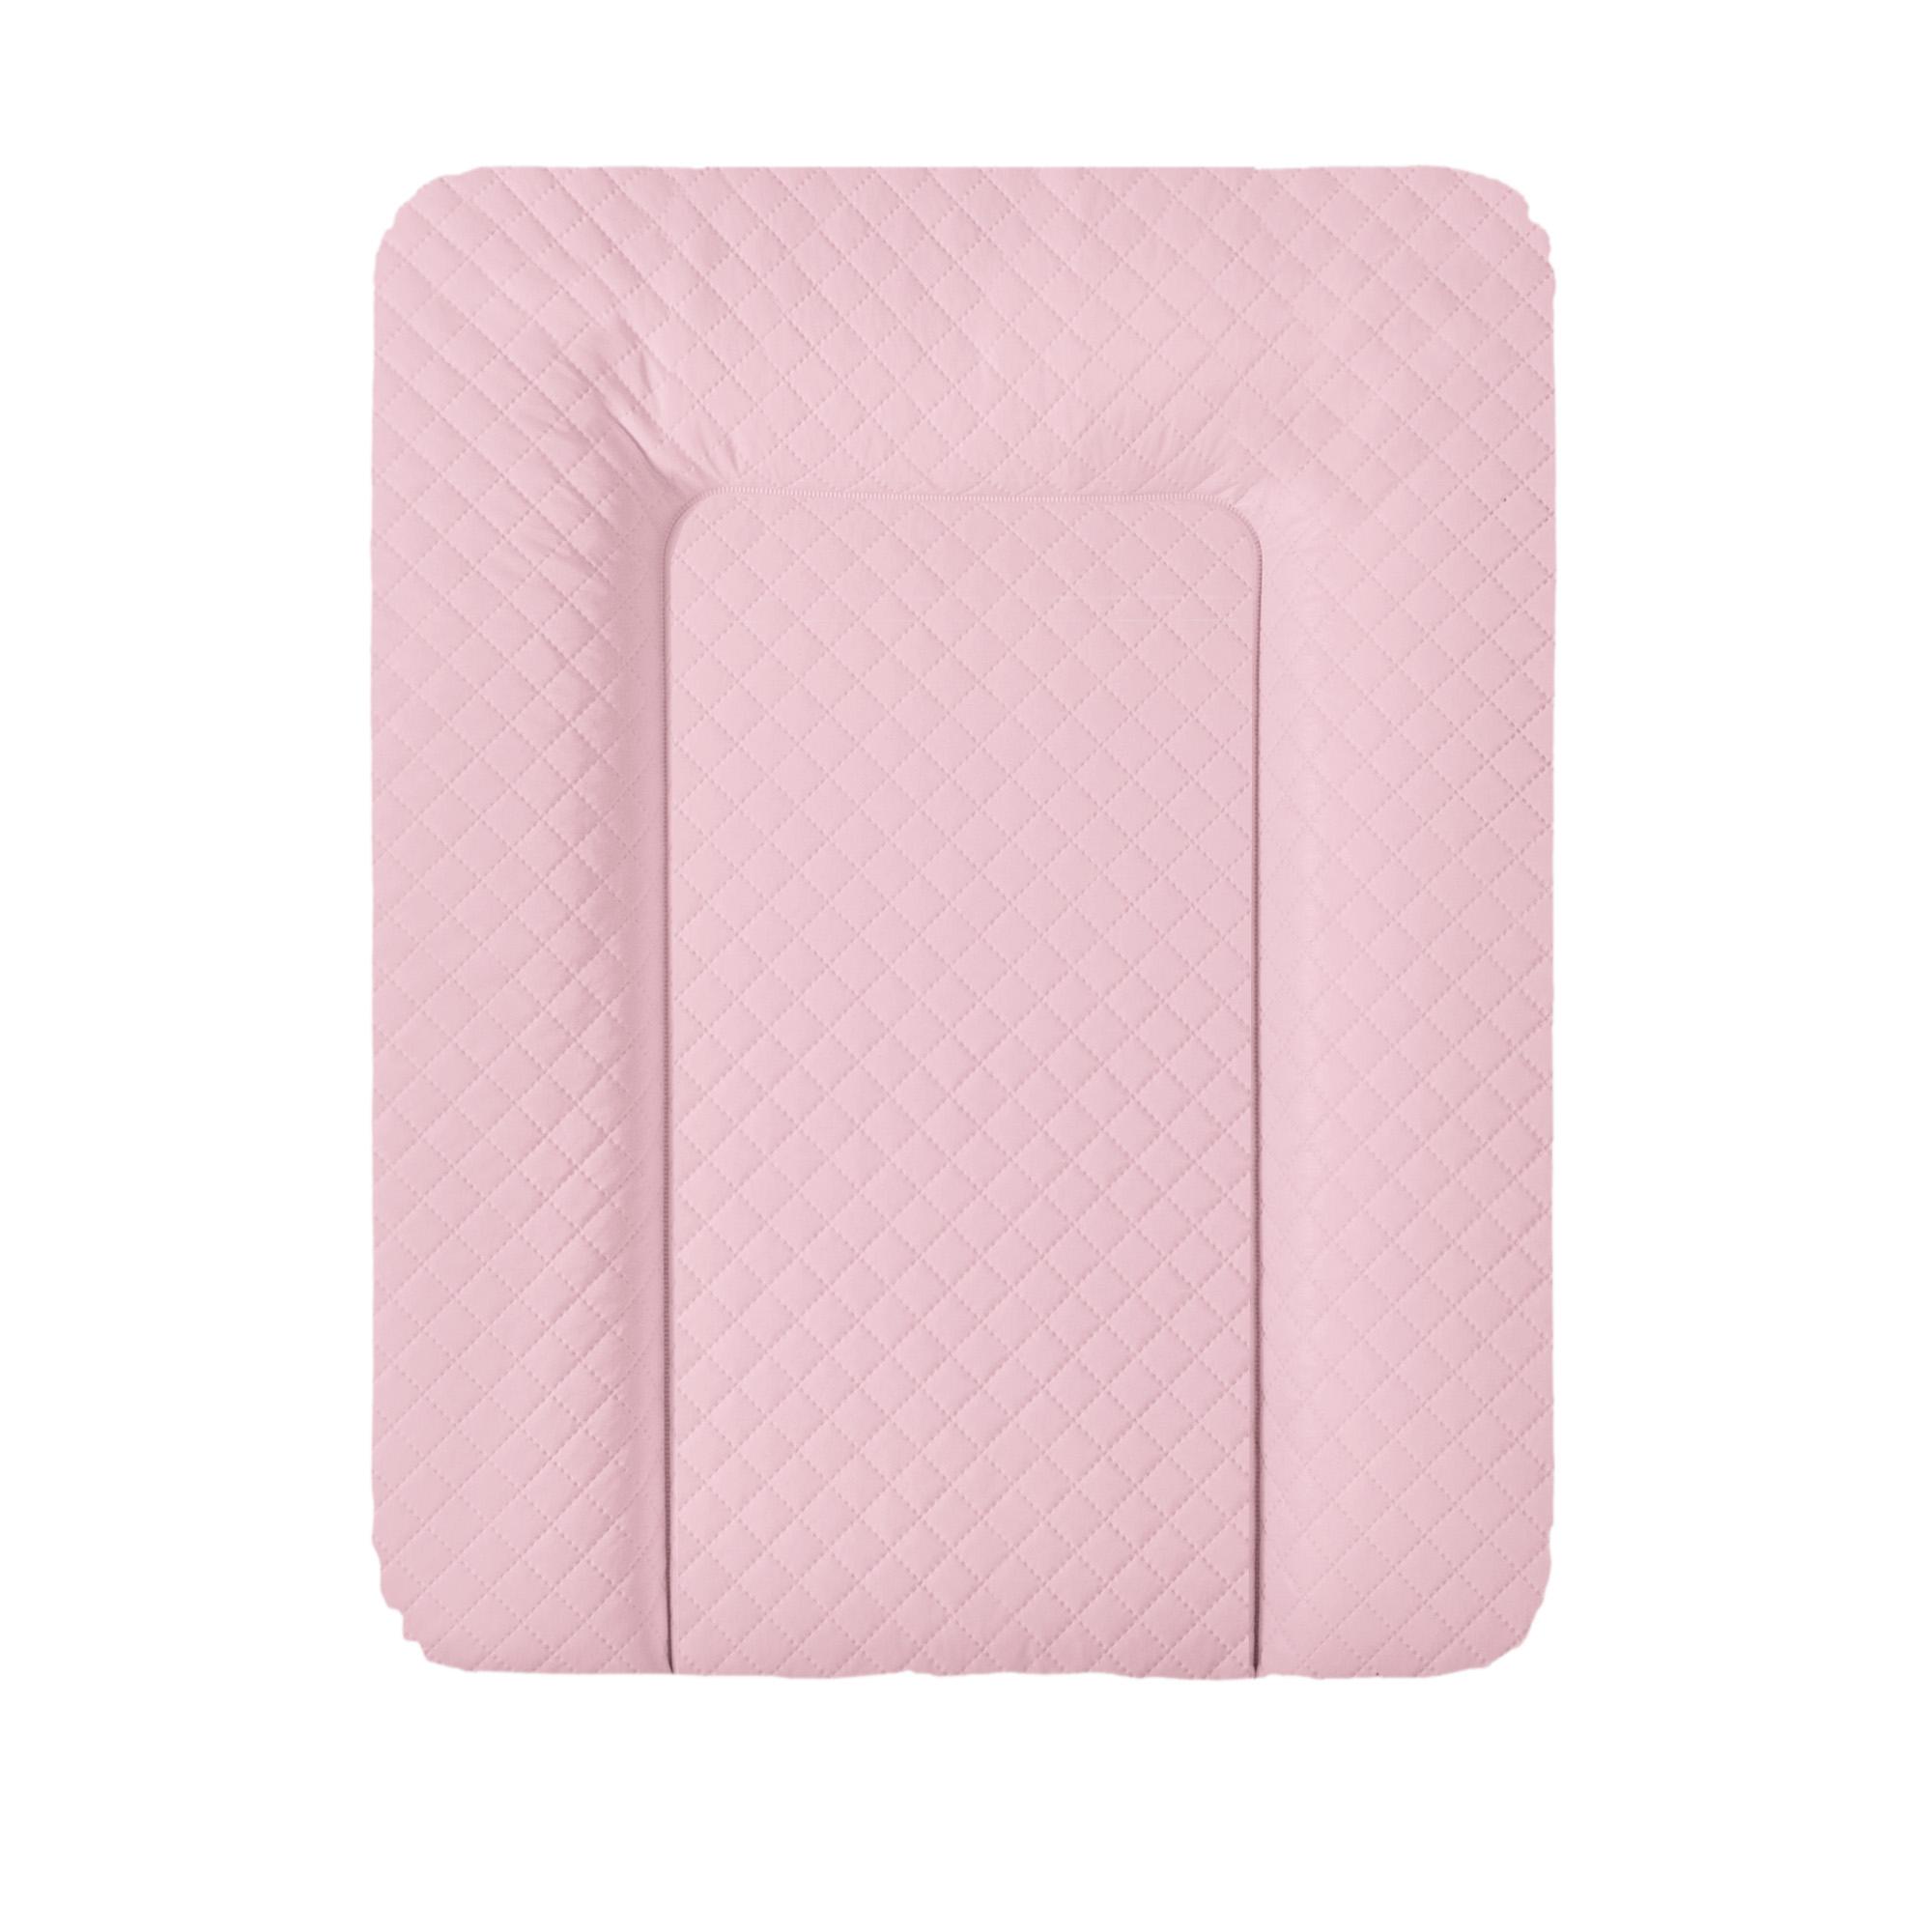 Přebalovací podložka CEBA na komodu 50x70 cm Caro růžová